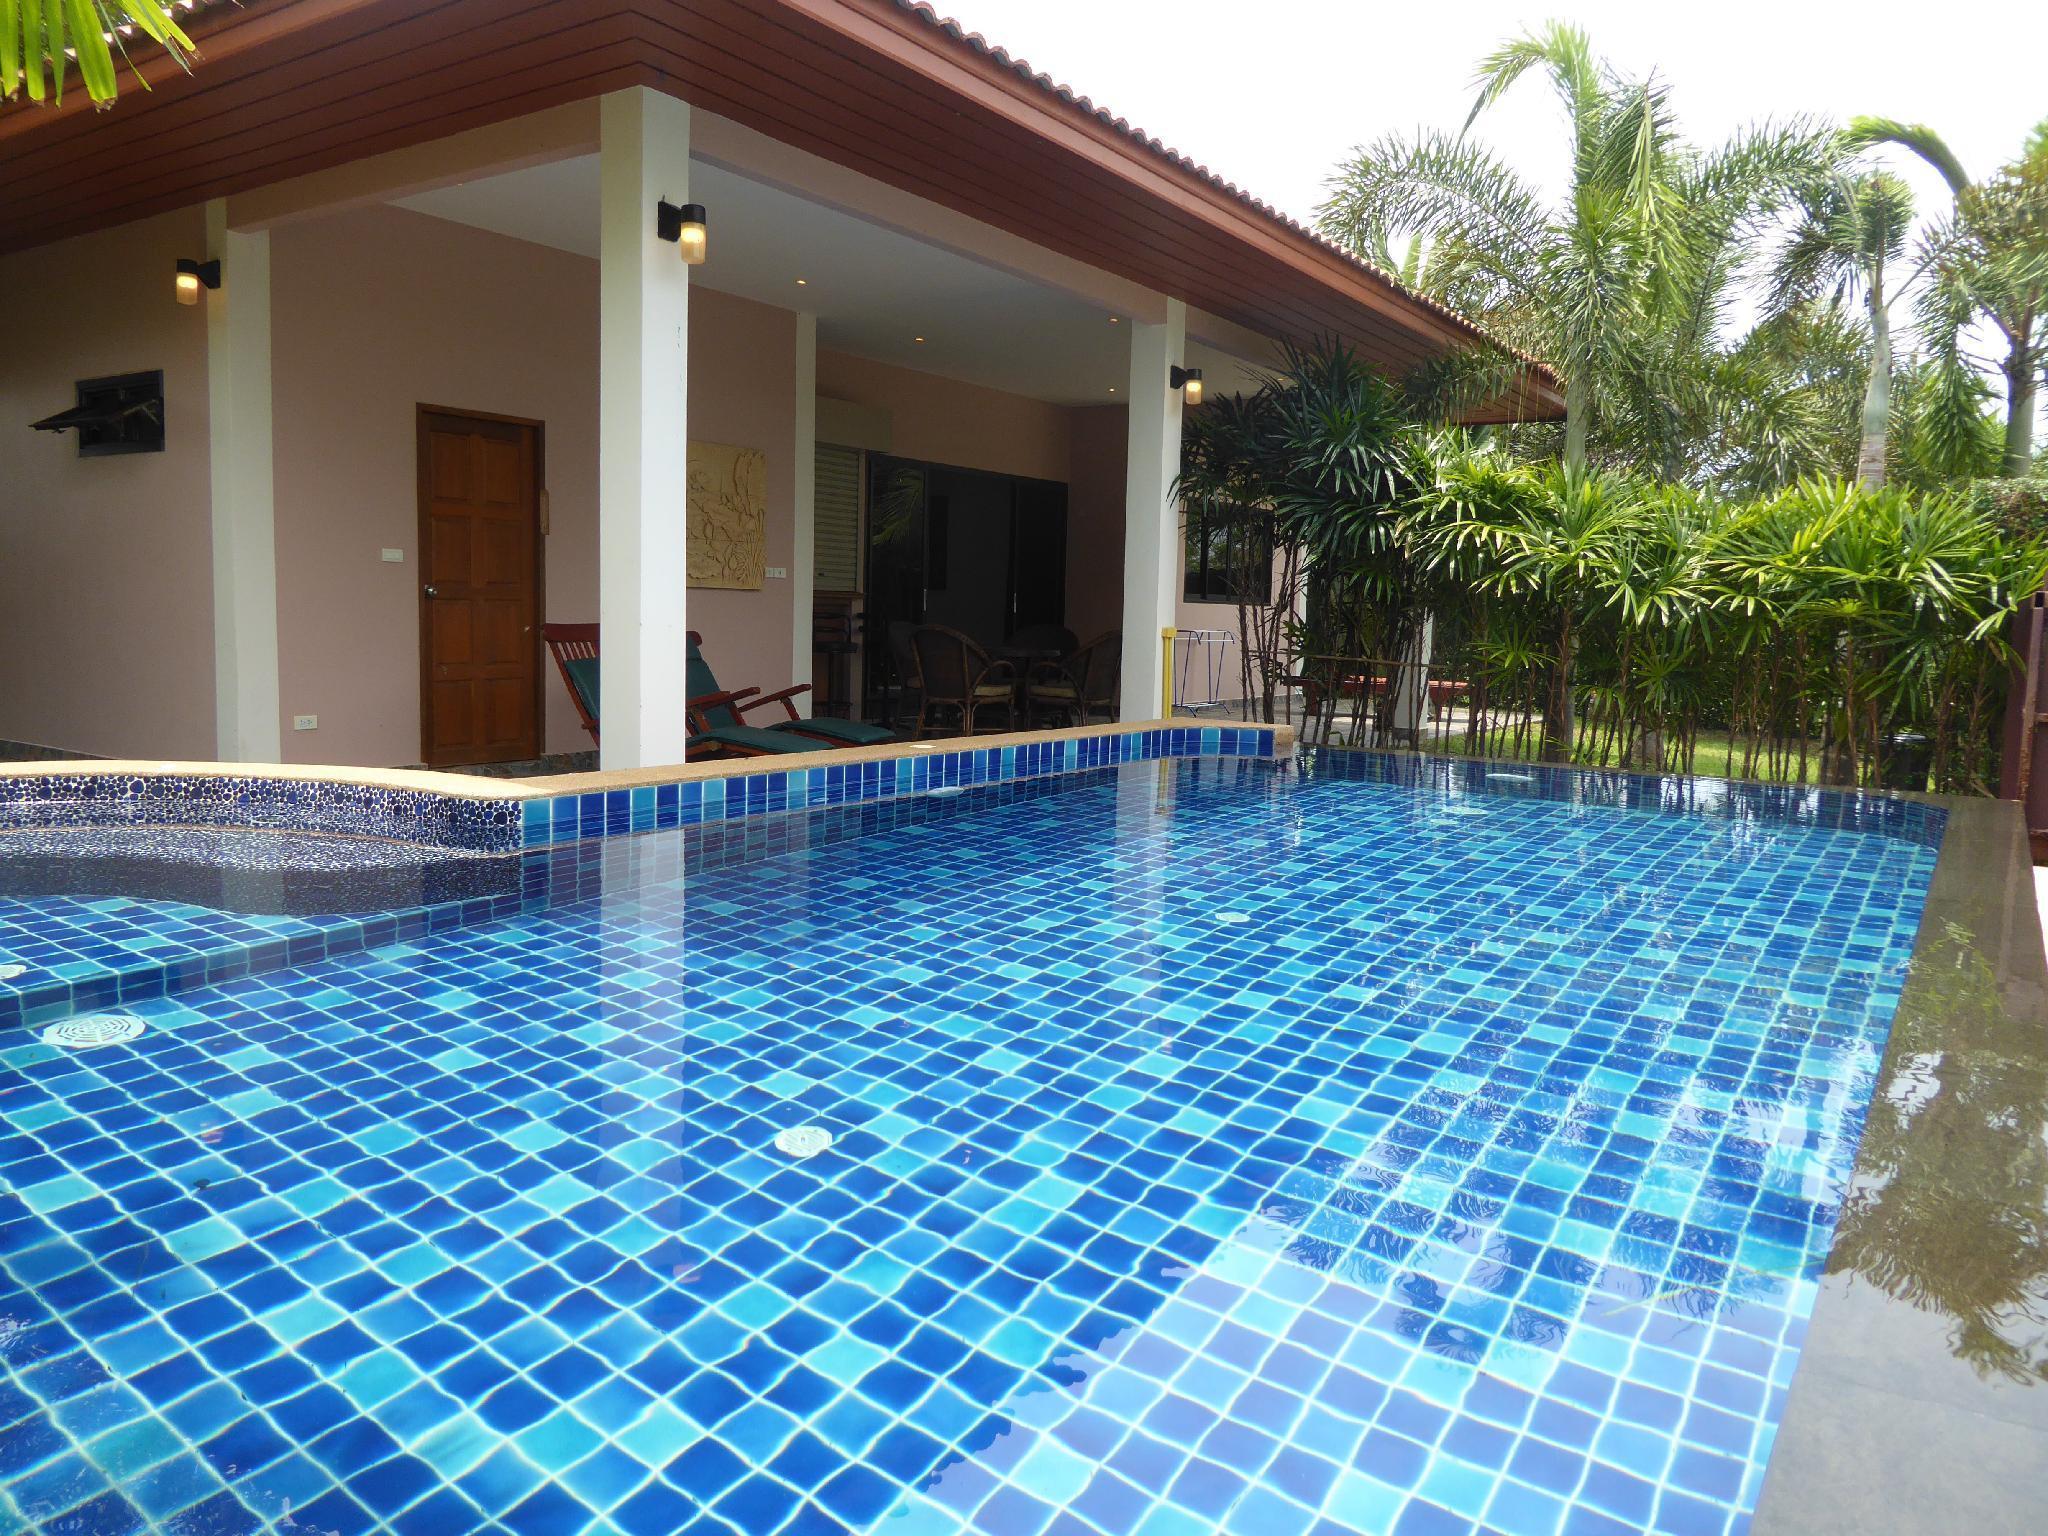 Summer Pool Villa at VIP Chain Resort Summer Pool Villa at VIP Chain Resort